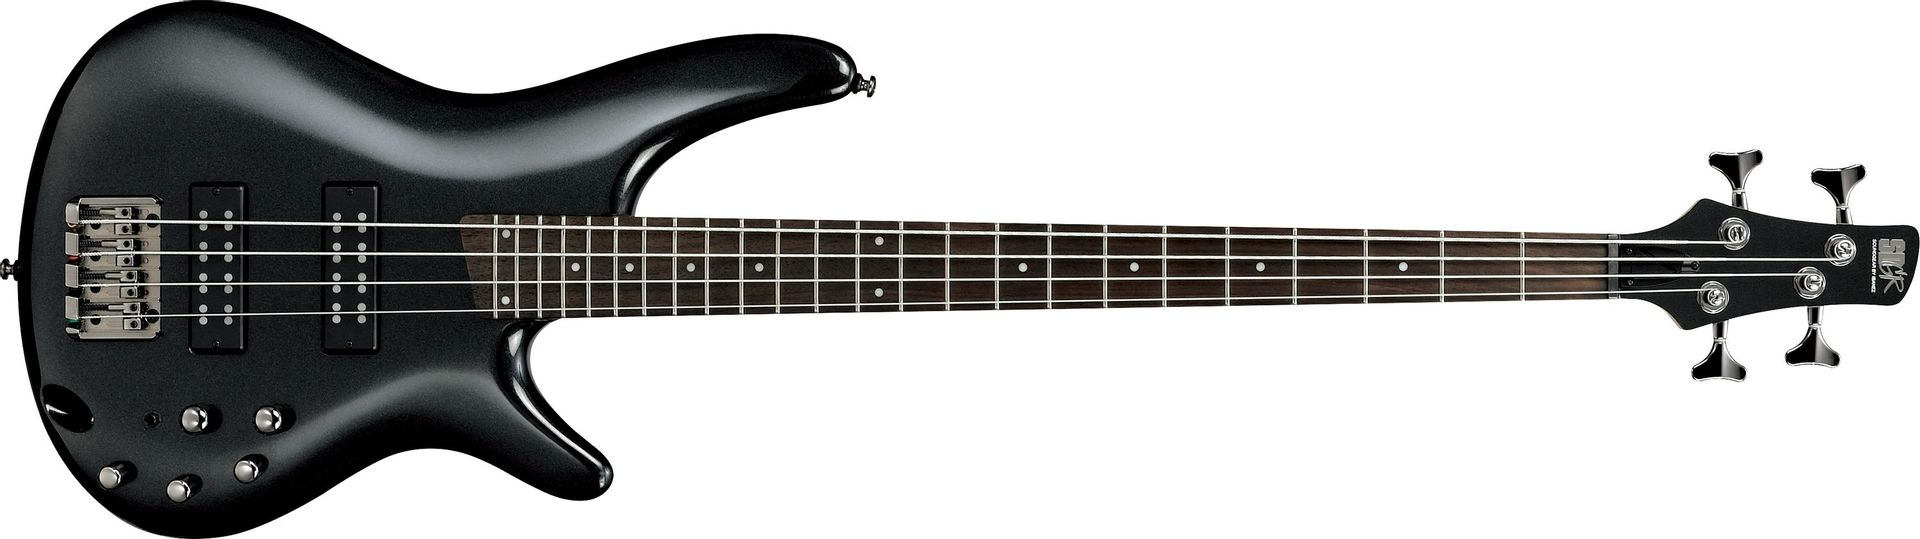 Ibanez SR300E-IPT E-Bass Soundgear, 2 Humbucker, 4-Saiter